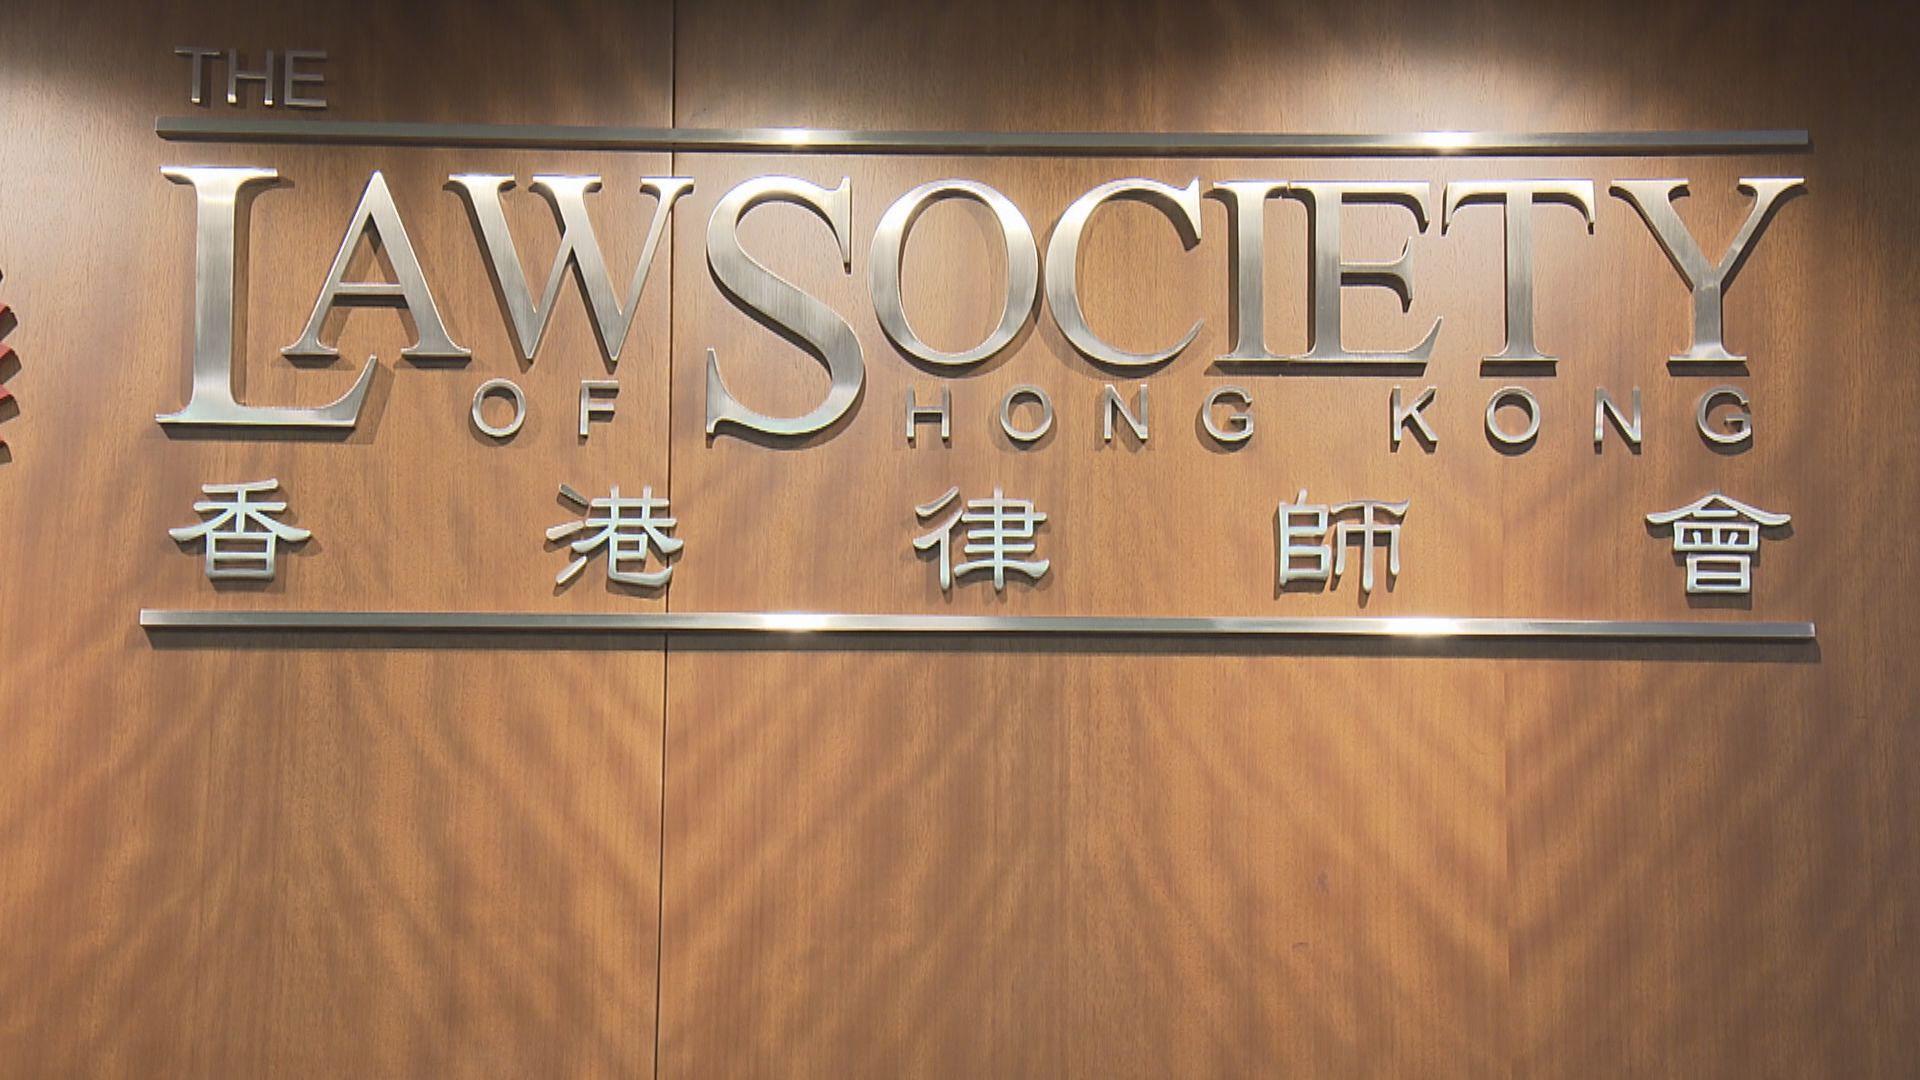 張達明辭任律師會理事 律師會尊重其決定